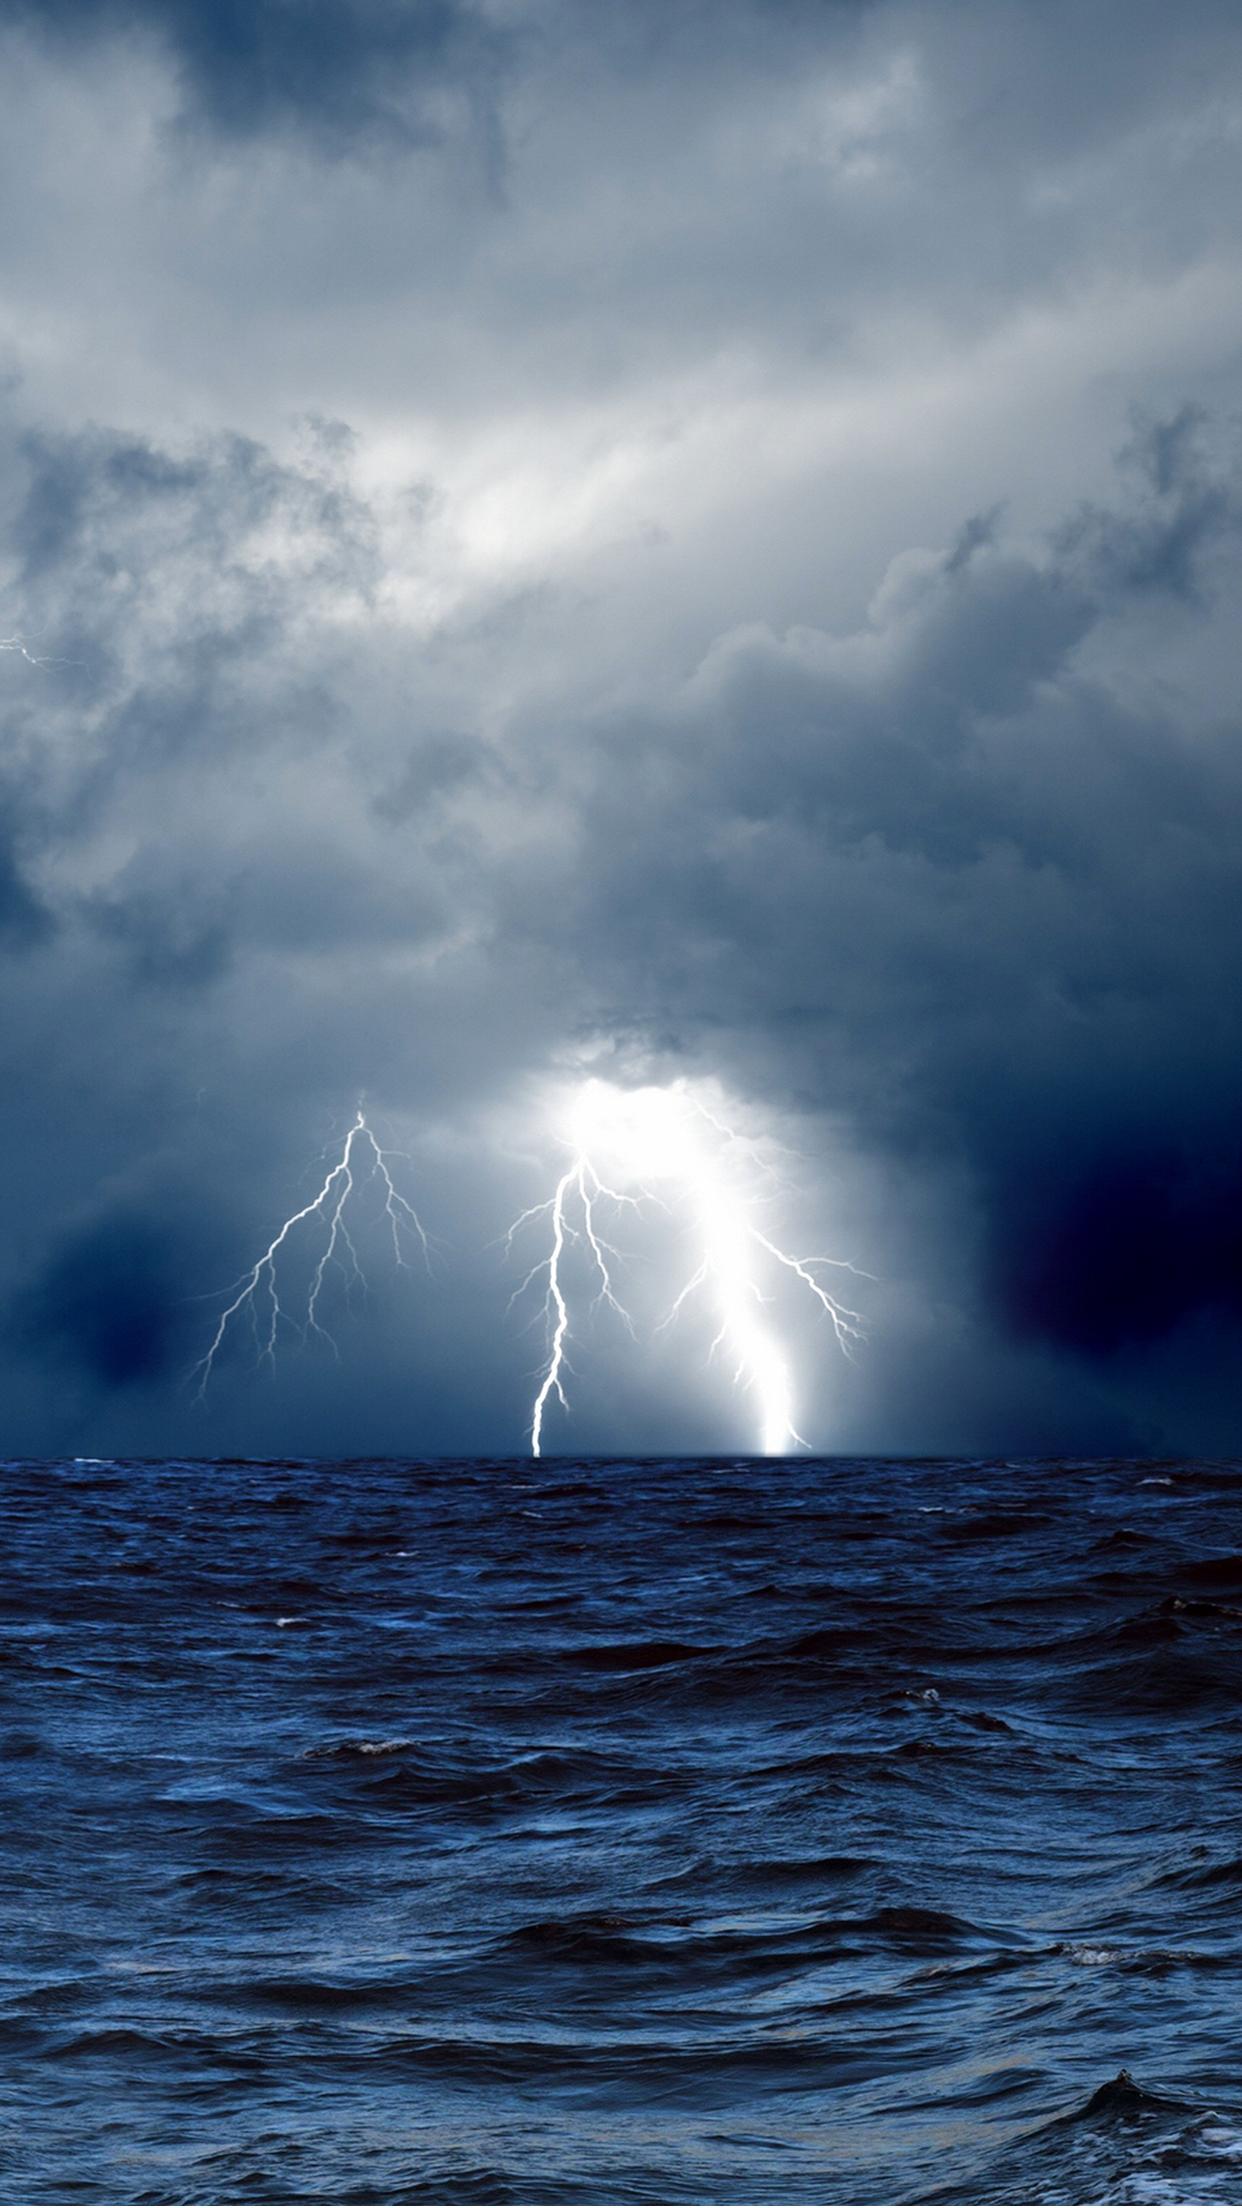 Storm Cloud Sea iPhone 3Wallpapers Parallax Storm Cloud Sea